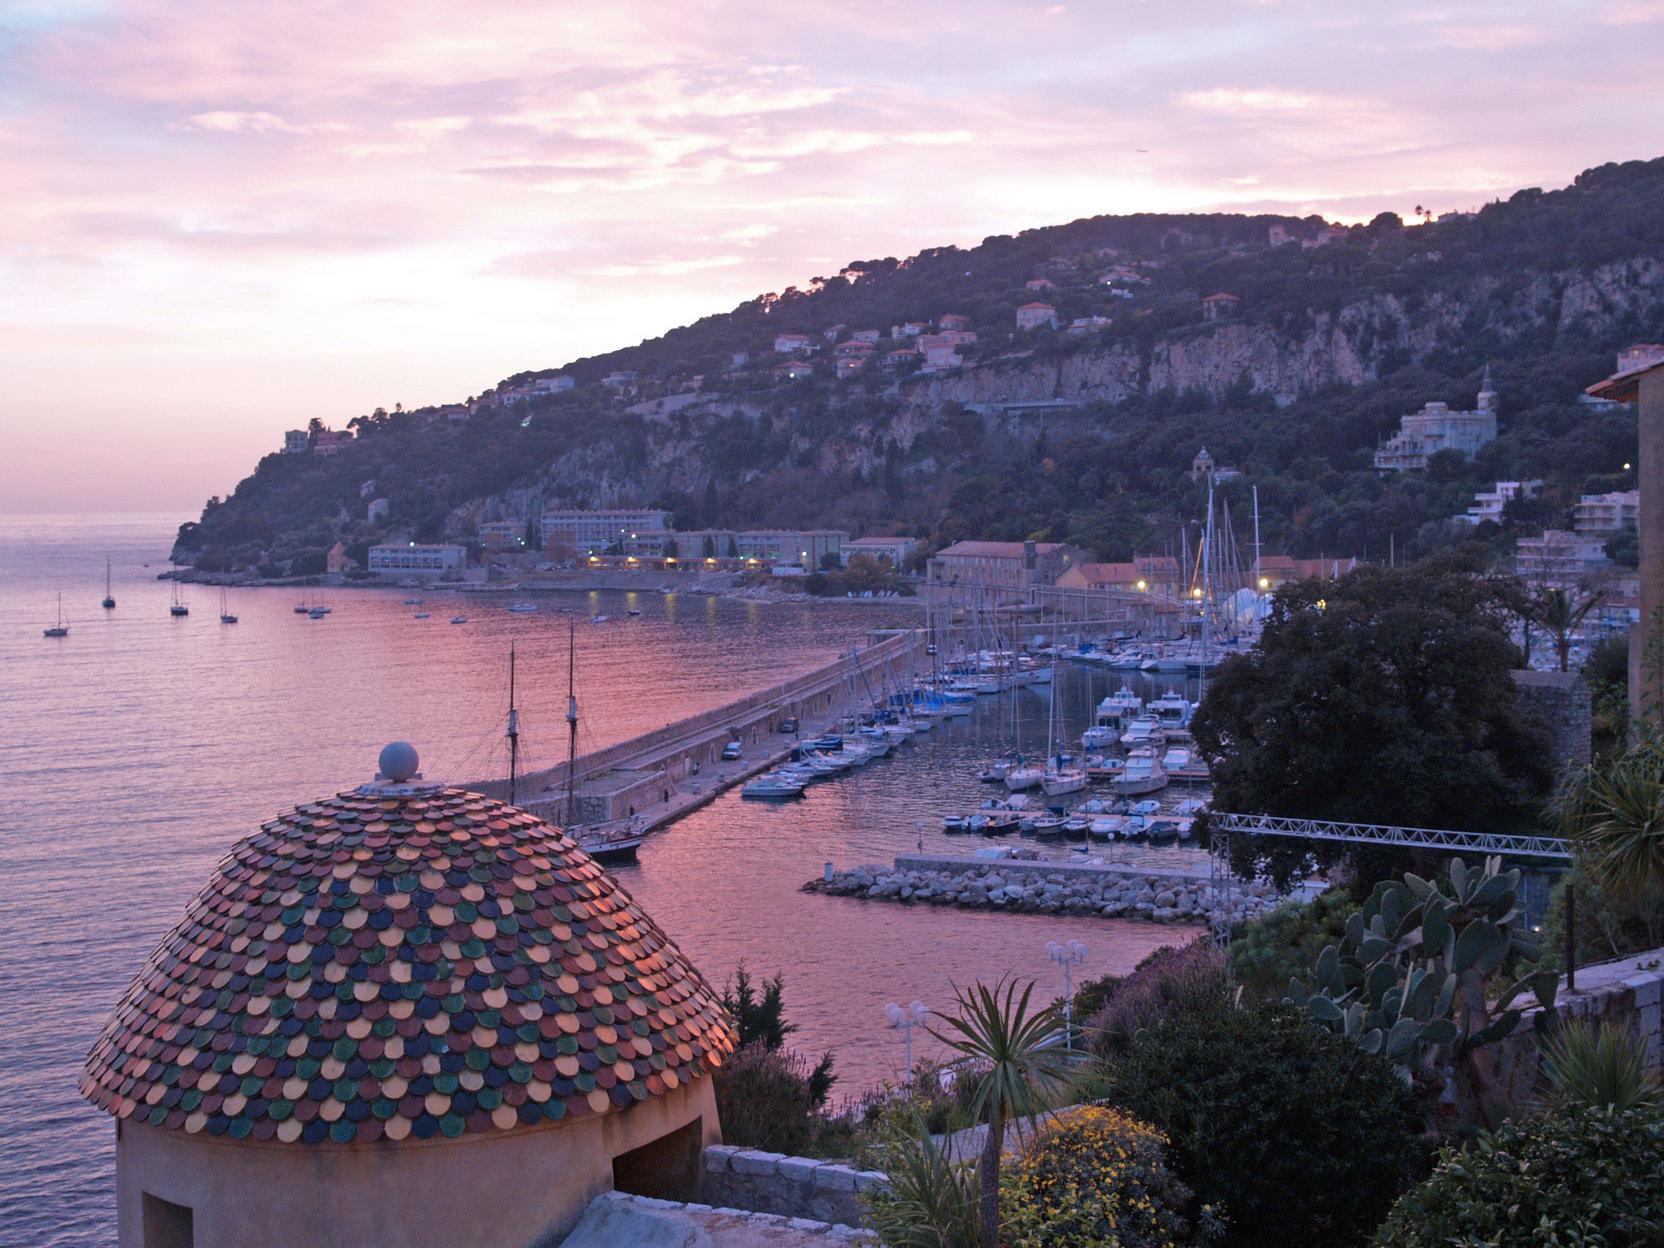 Office de tourisme de villefranche sur mer - Office de tourisme villefranche ...